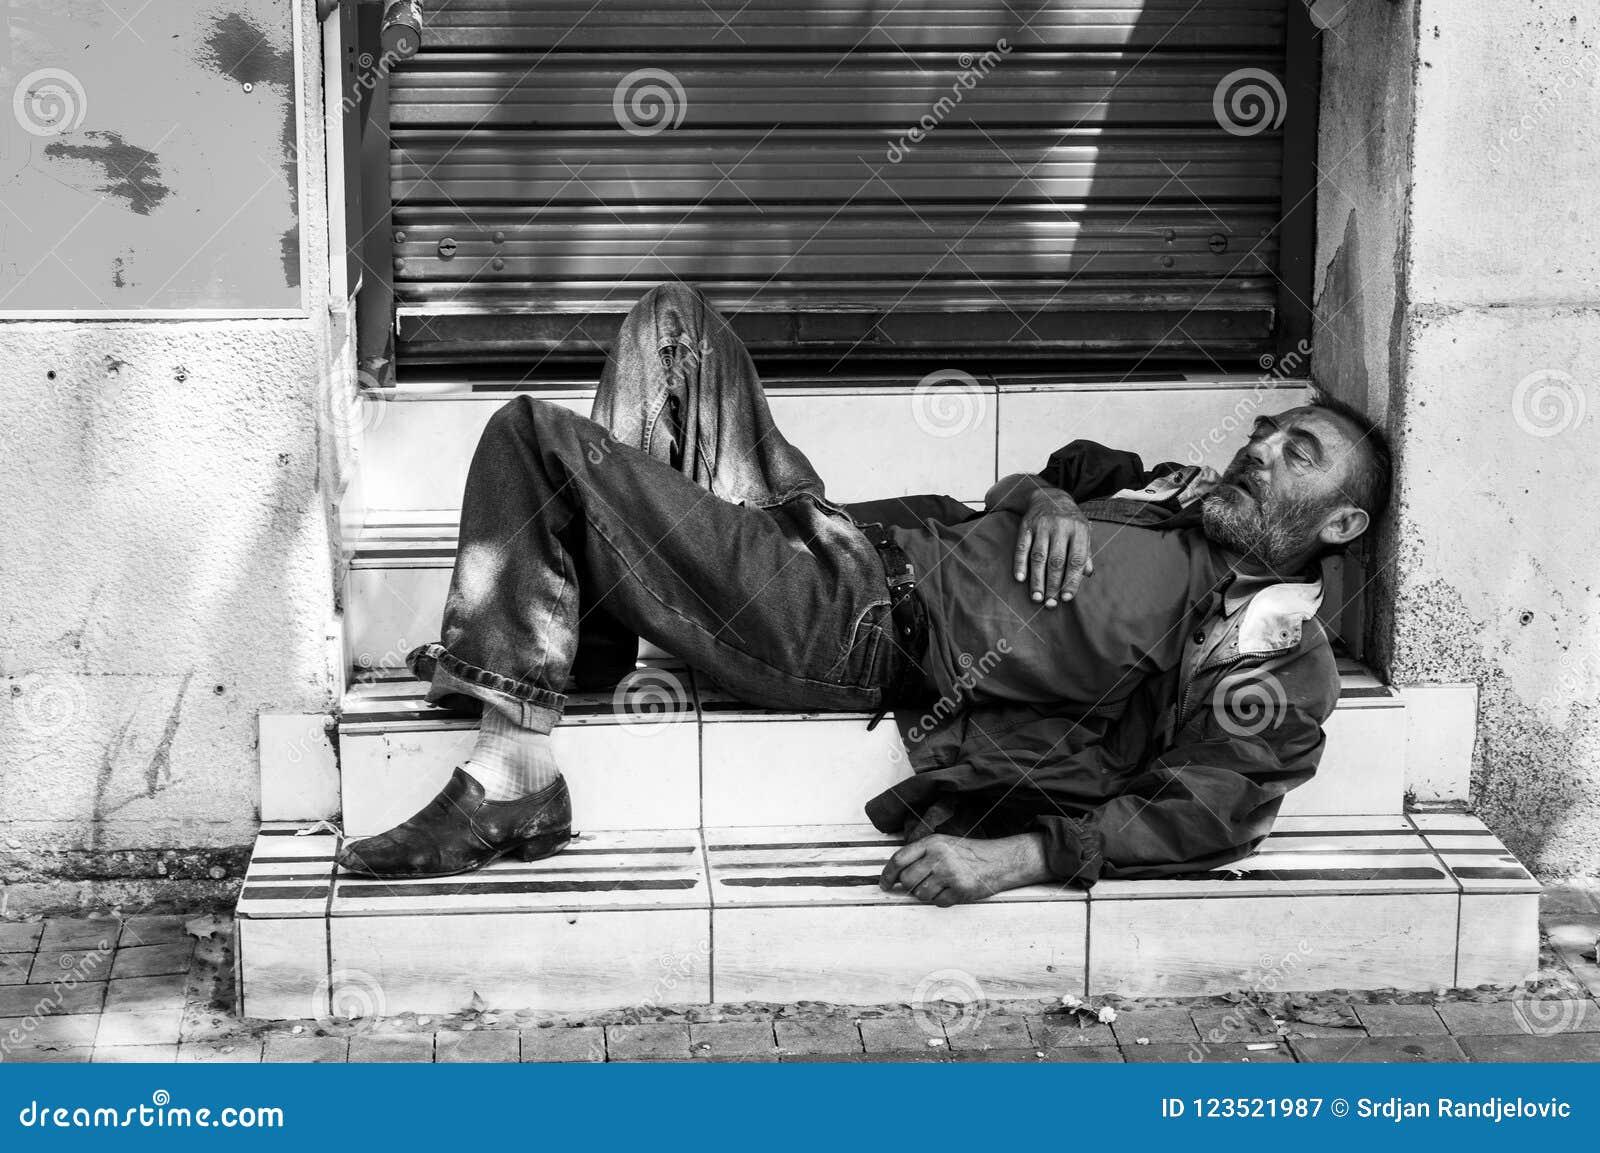 Hombre o refugiado sin hogar pobre que duerme en las escaleras en la calle, concepto documental social blanco y negro